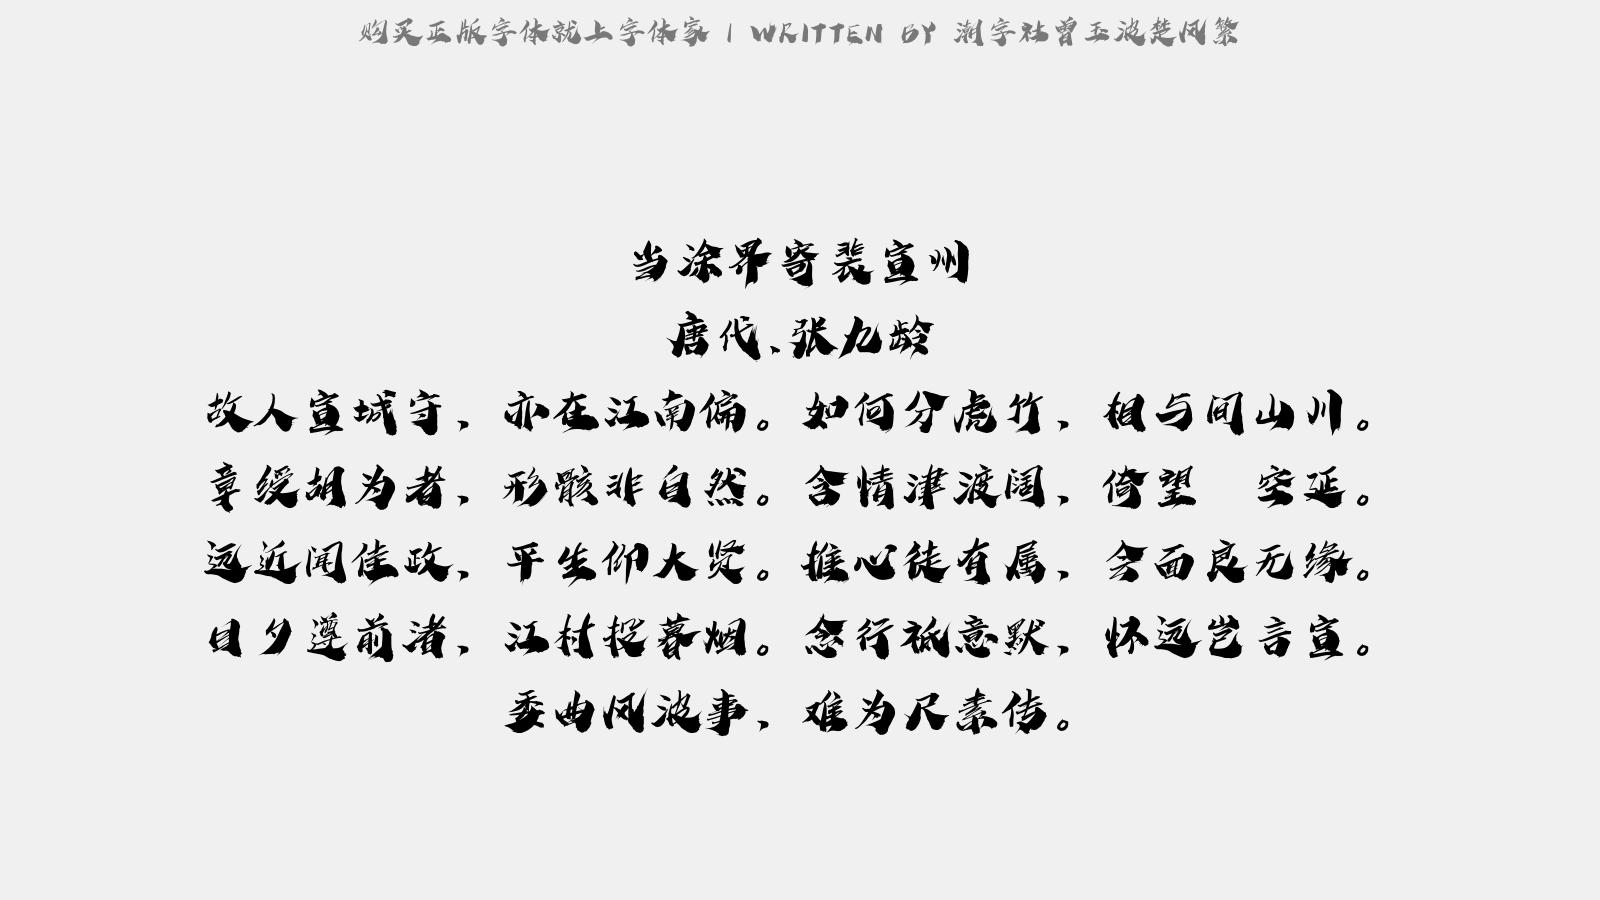 哑缘txt下载_潮字社曾玉波楚风繁免费字体下载 - 中文字体免费下载尽在字体家